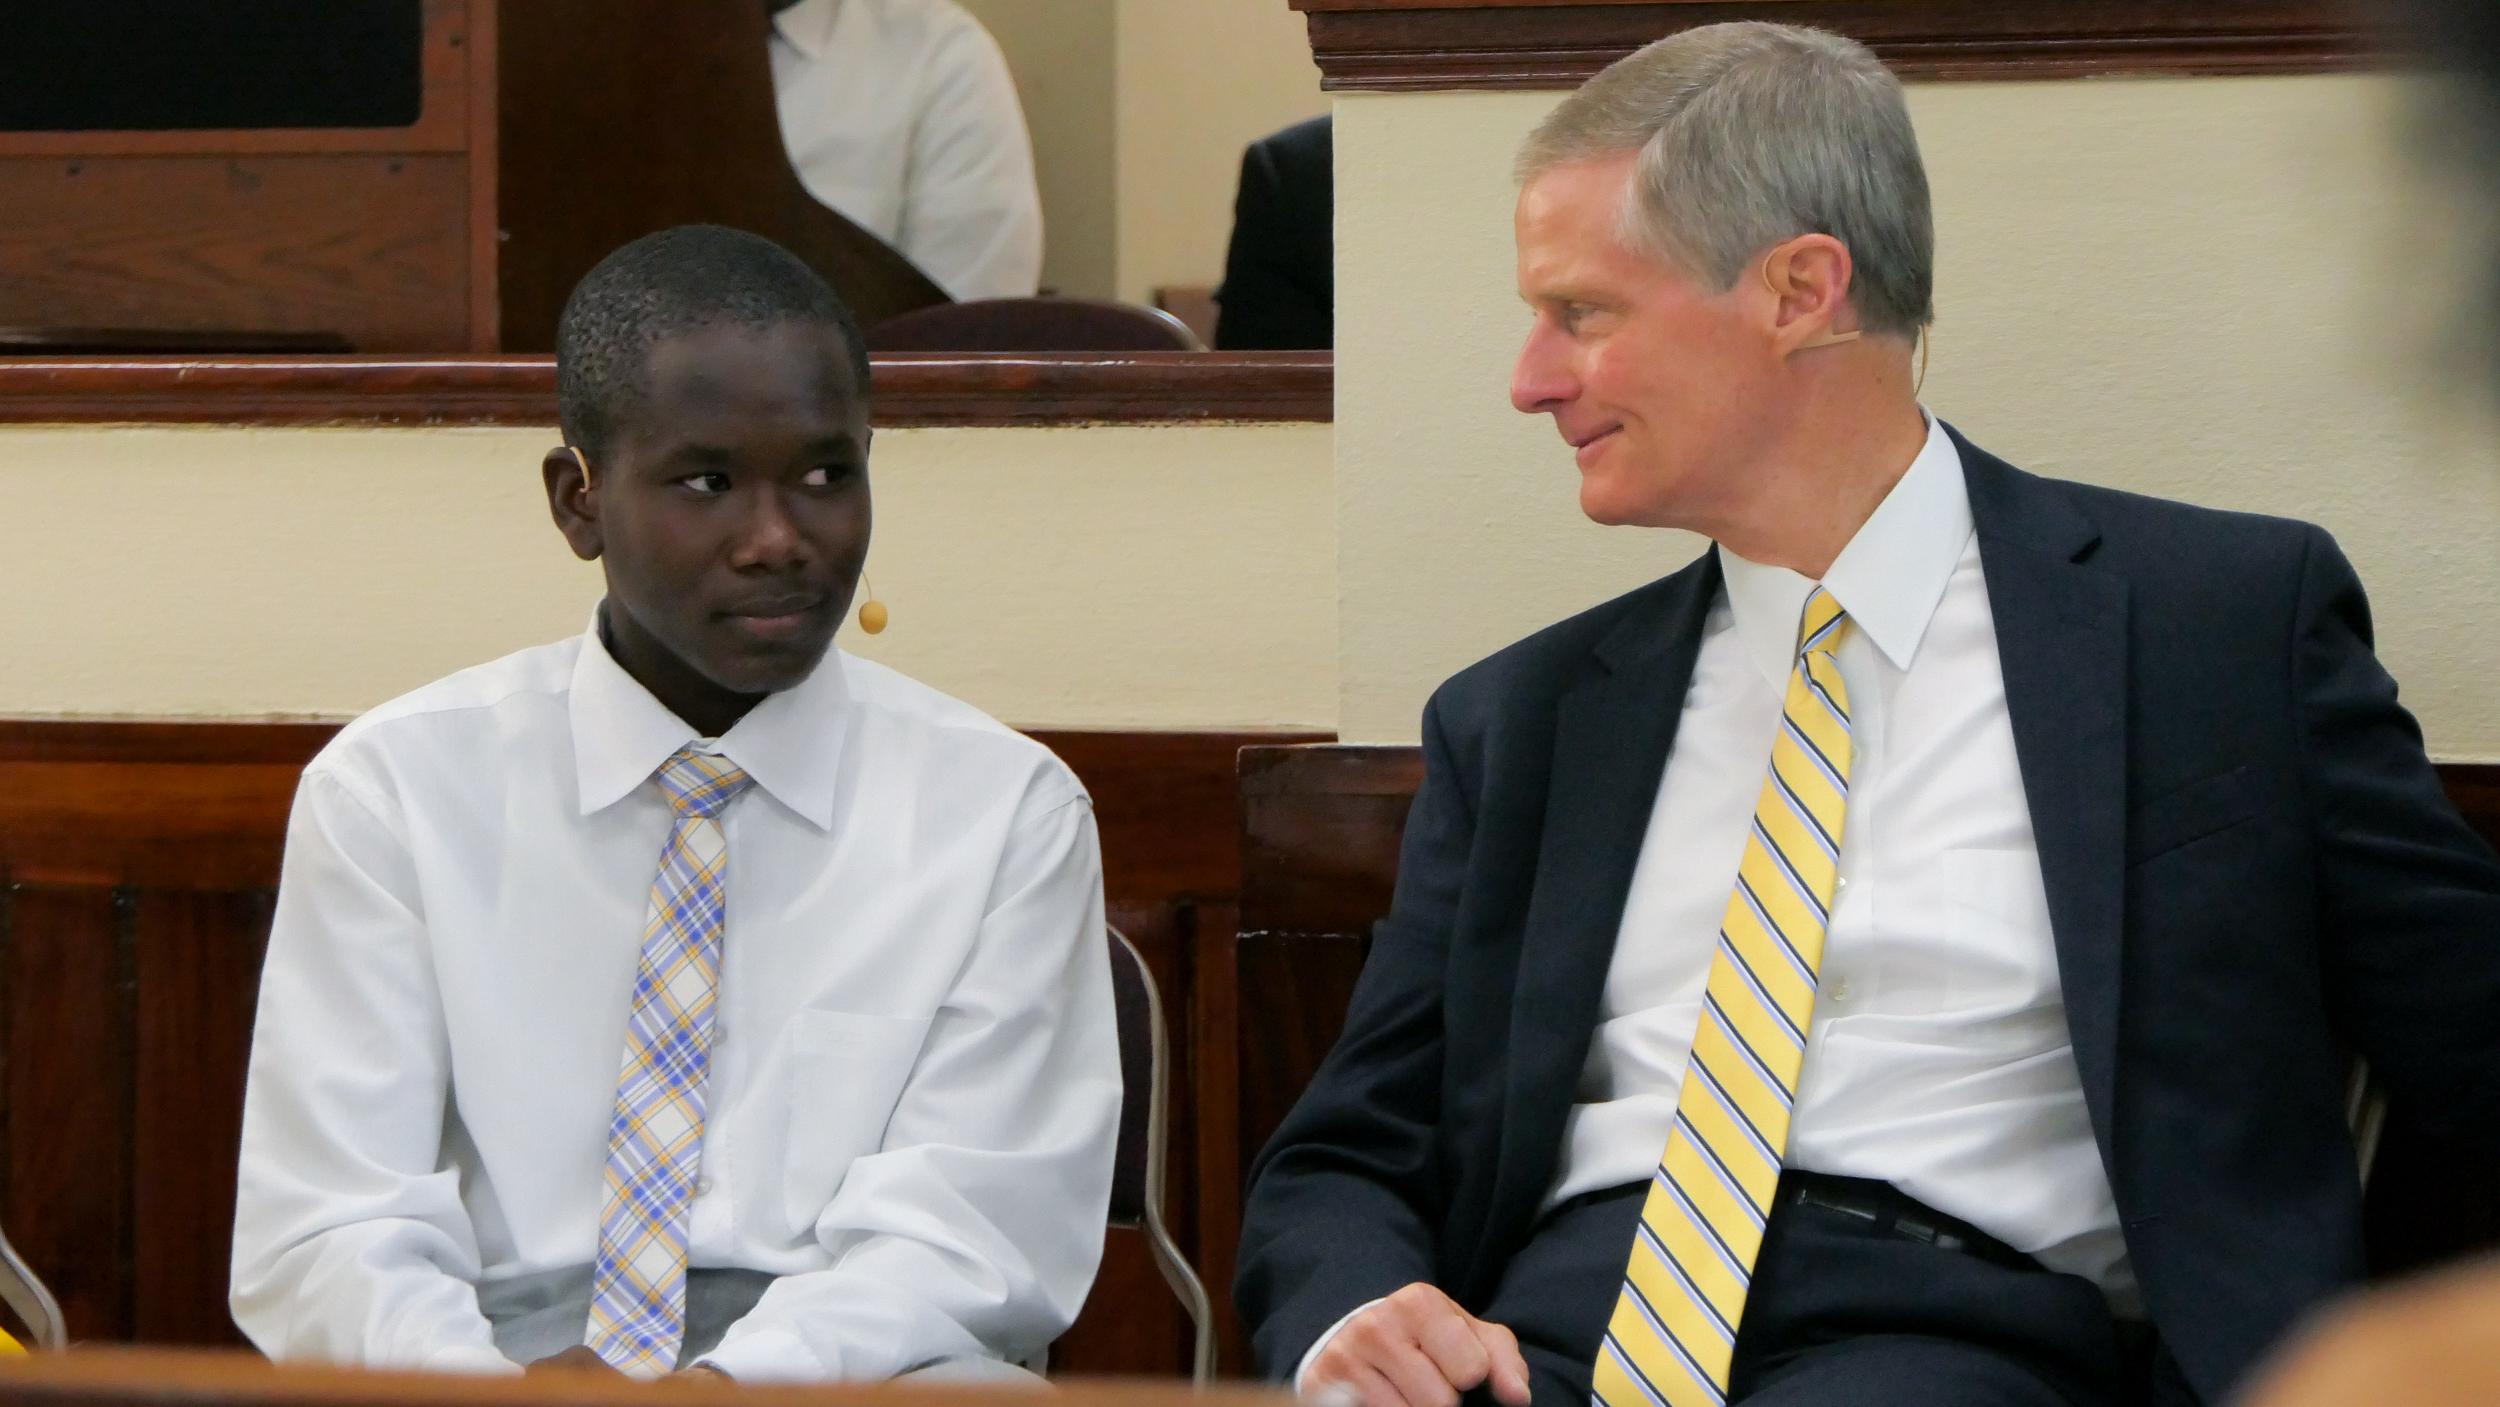 El élder David A. Bednar disfruta de charlar con un hombre joven durante el devocional para jóvenes del 31 de agosto de 2019 en Puerto Príncipe, Haití.